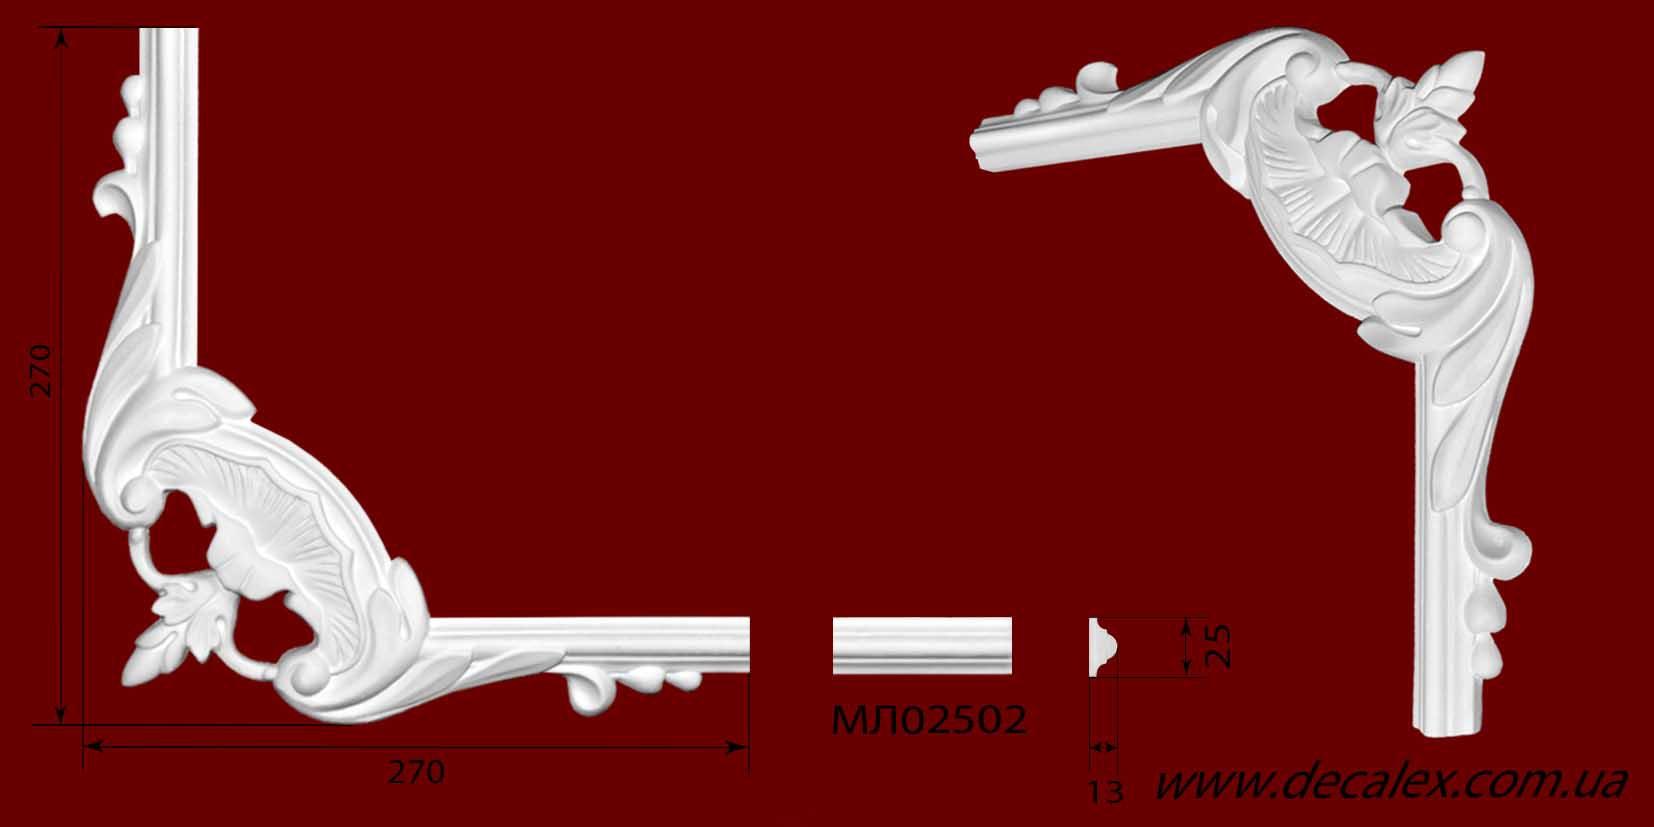 Код товара ГЛ02502-6. Угловой элемент из гипса шириной 25 мм., стыкуется с МЛ02502. Розничная цена 90 грн./шт.